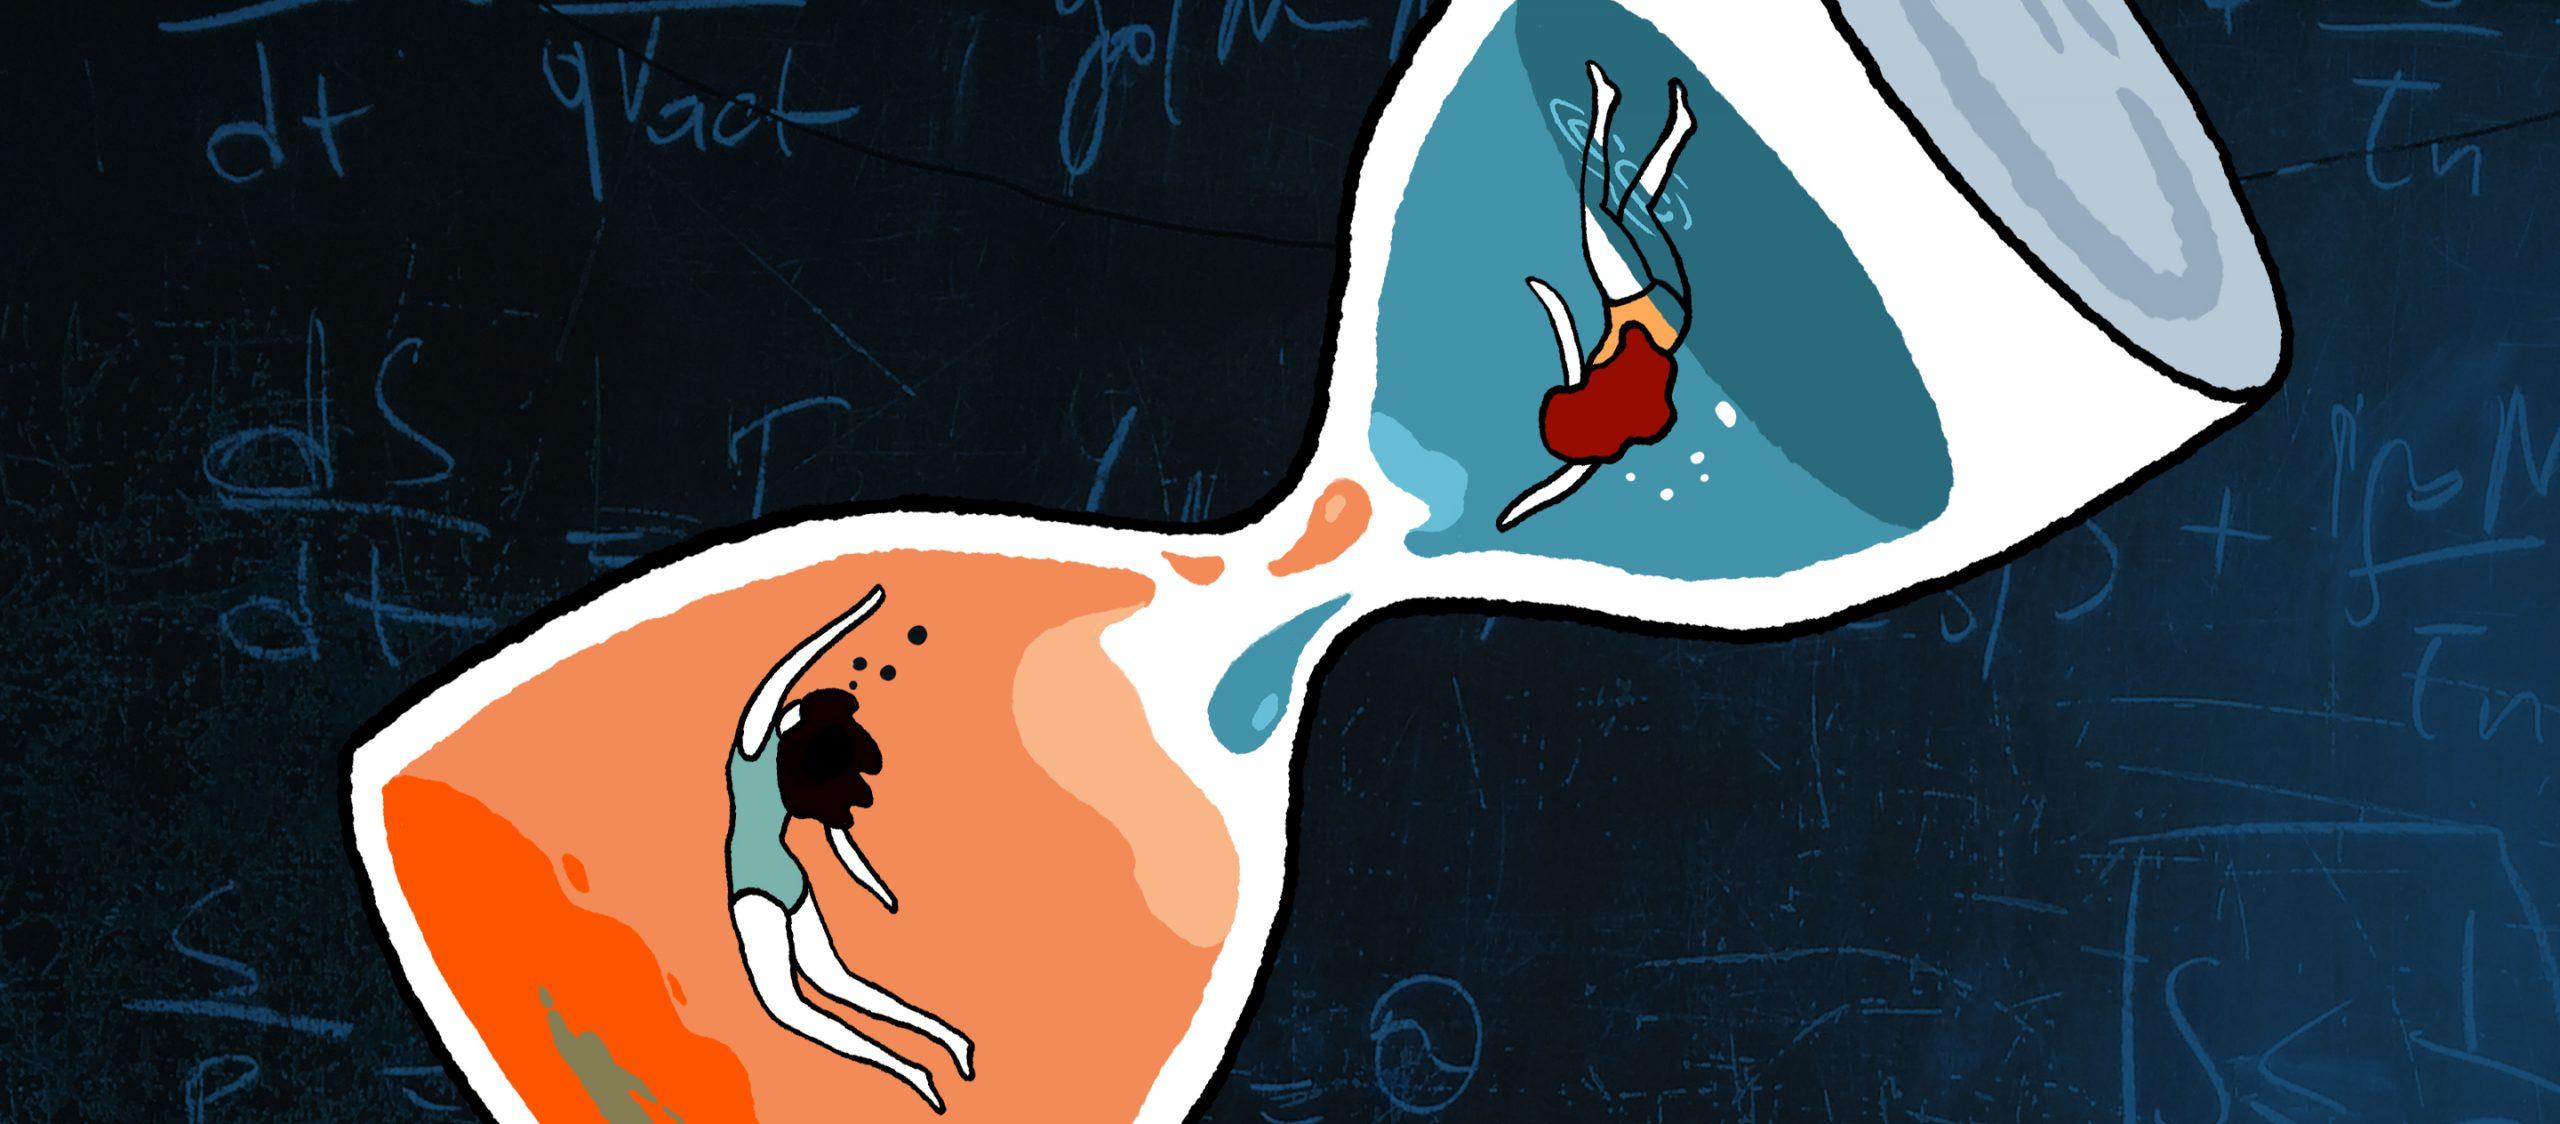 ว่ายน้ำในน้ำเชื่อมกับว่ายน้ำในน้ำเปล่า อย่างไหนจะเร็วกว่ากัน?